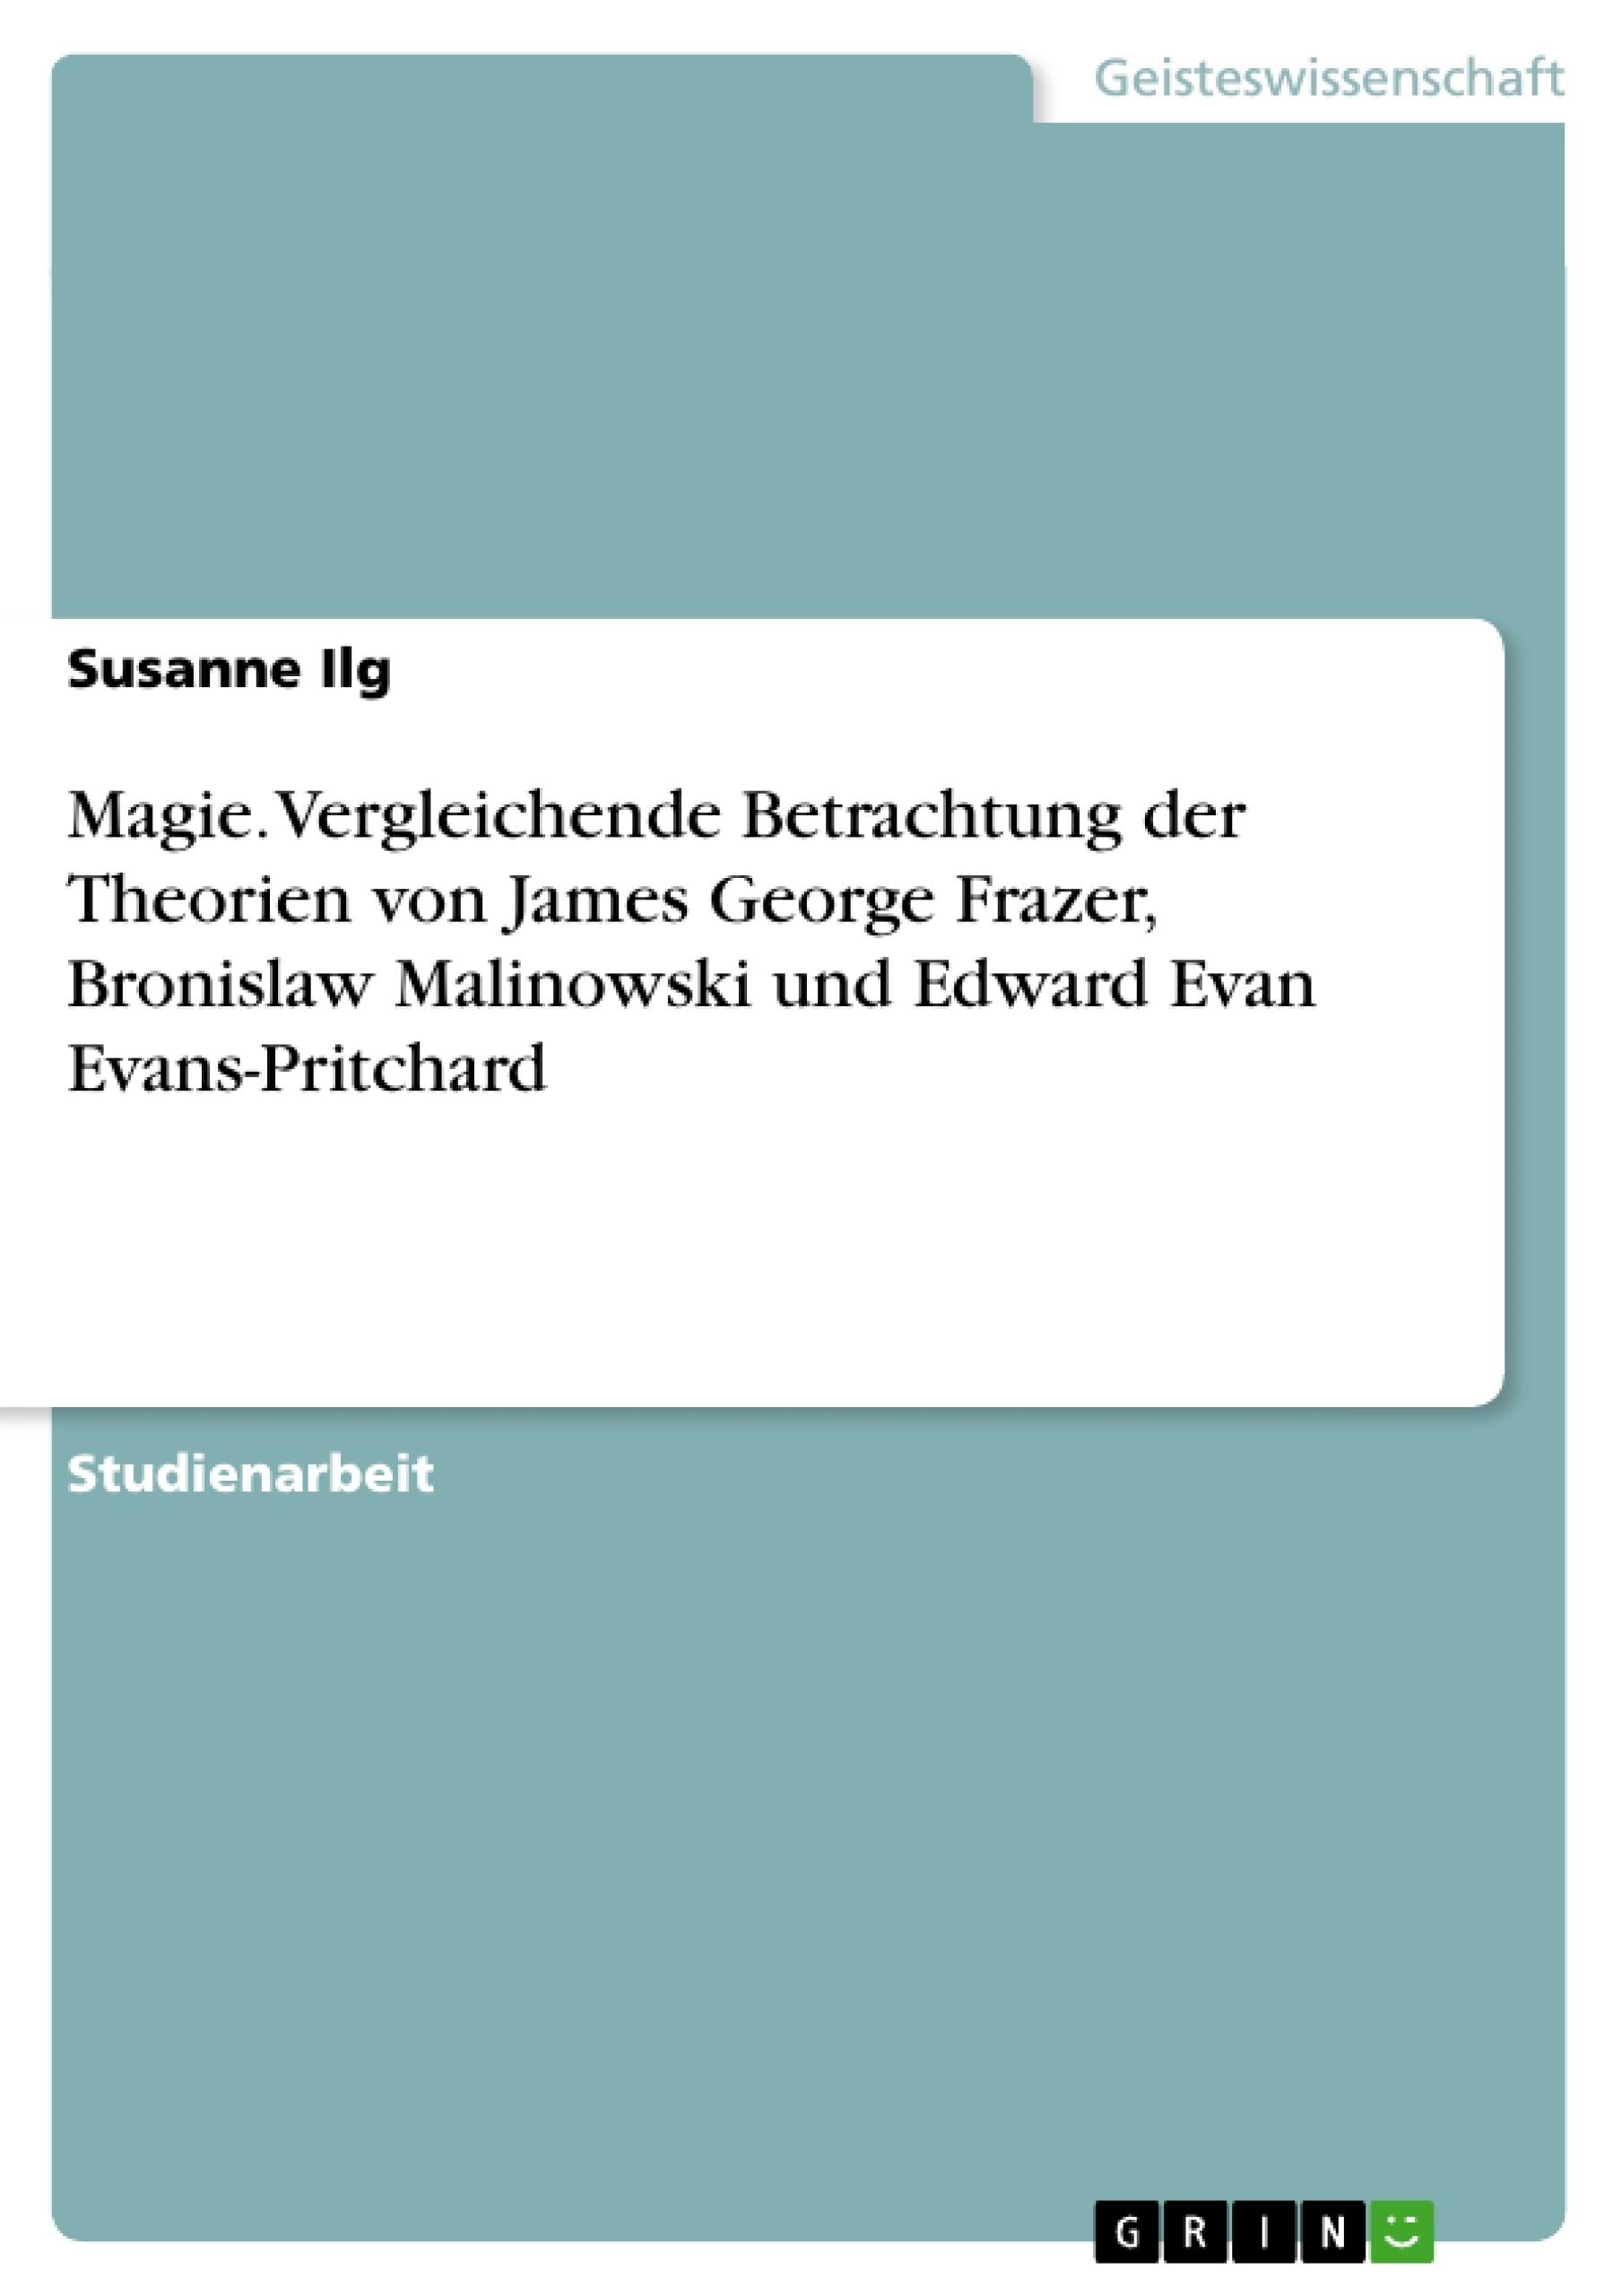 Titel: Magie. Vergleichende Betrachtung der Theorien von James George Frazer, Bronislaw Malinowski und Edward Evan  Evans-Pritchard